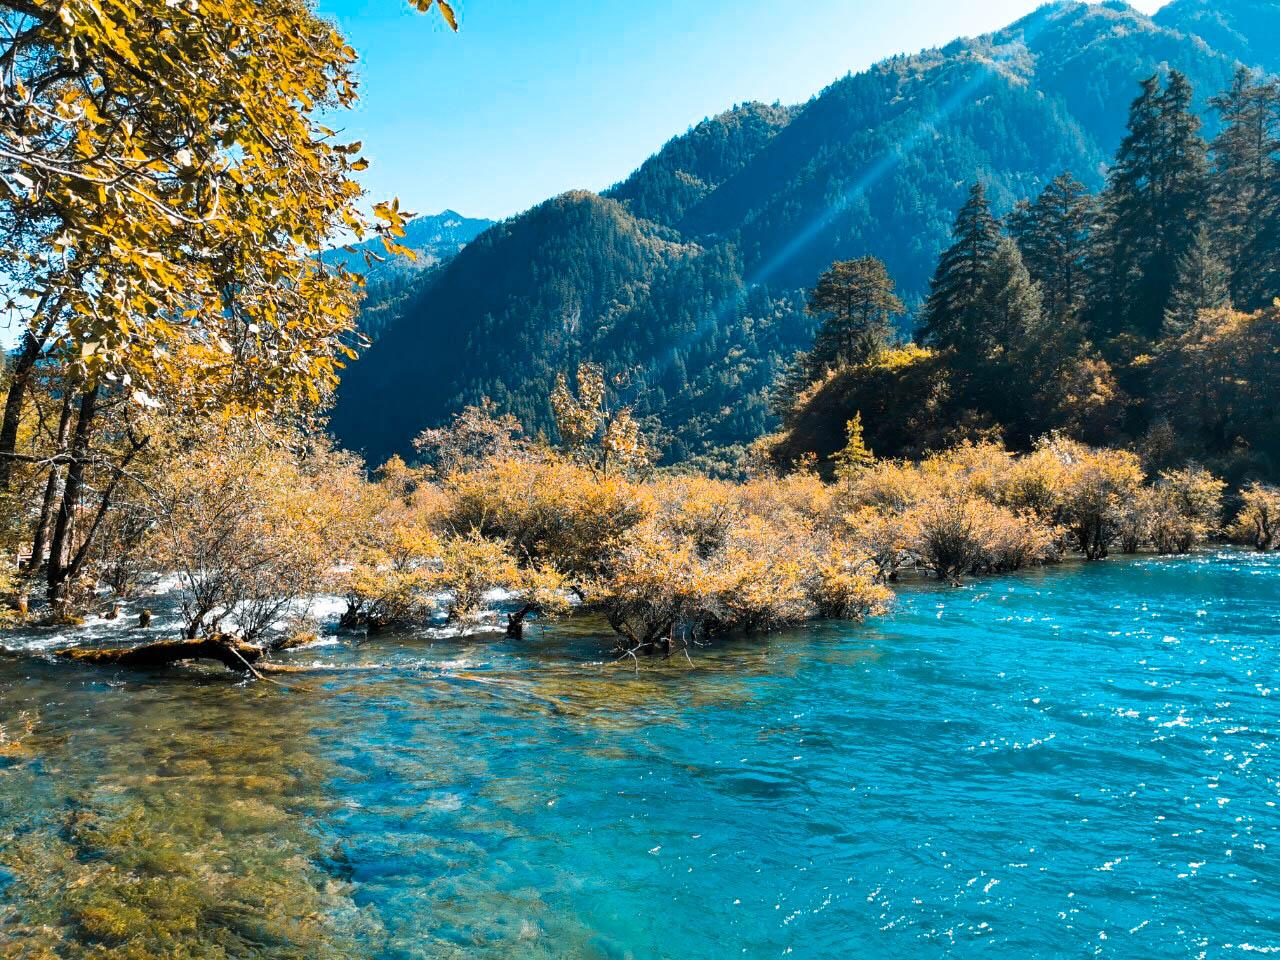 ทะเลสาบมังกรคู่ ทัวร์จีน ทัวร์จิ่วจ้ายโก Jiuzhaigo